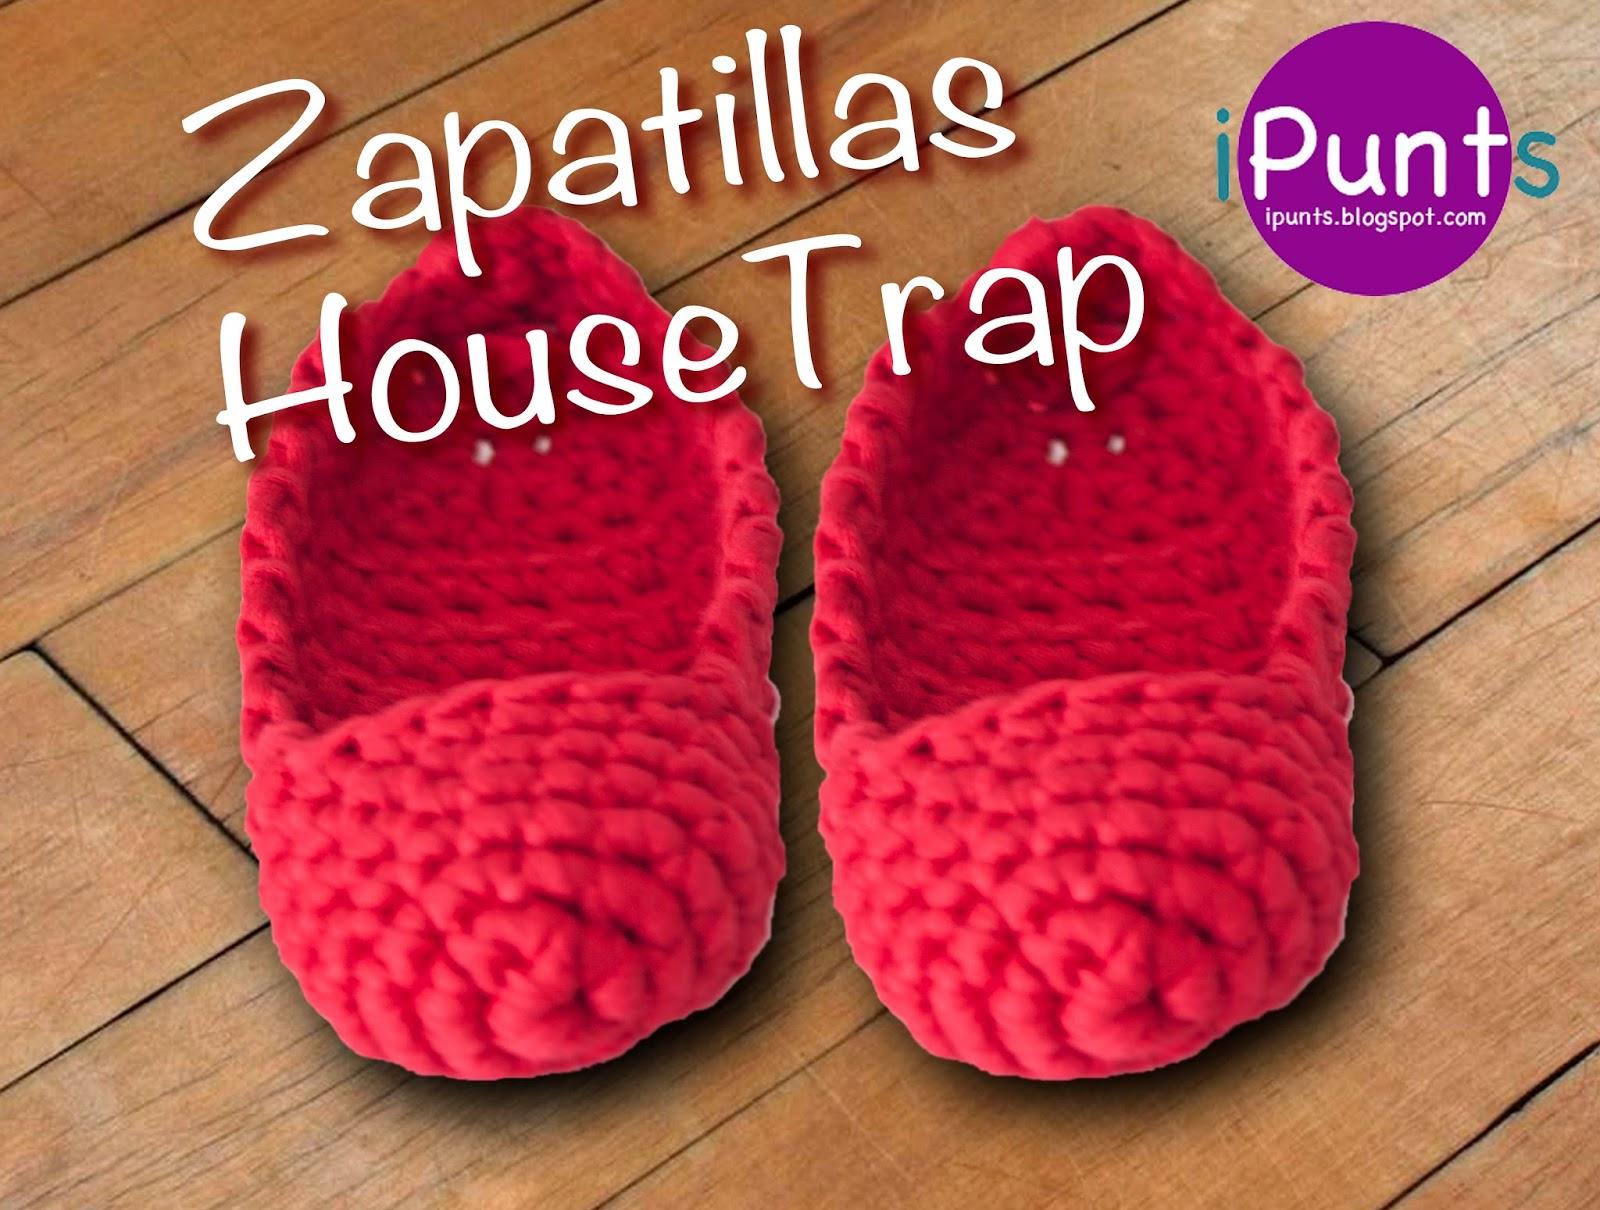 Zapatillas HouseTrap de Trapillo Paso a Paso Con Vídeo Tutorial